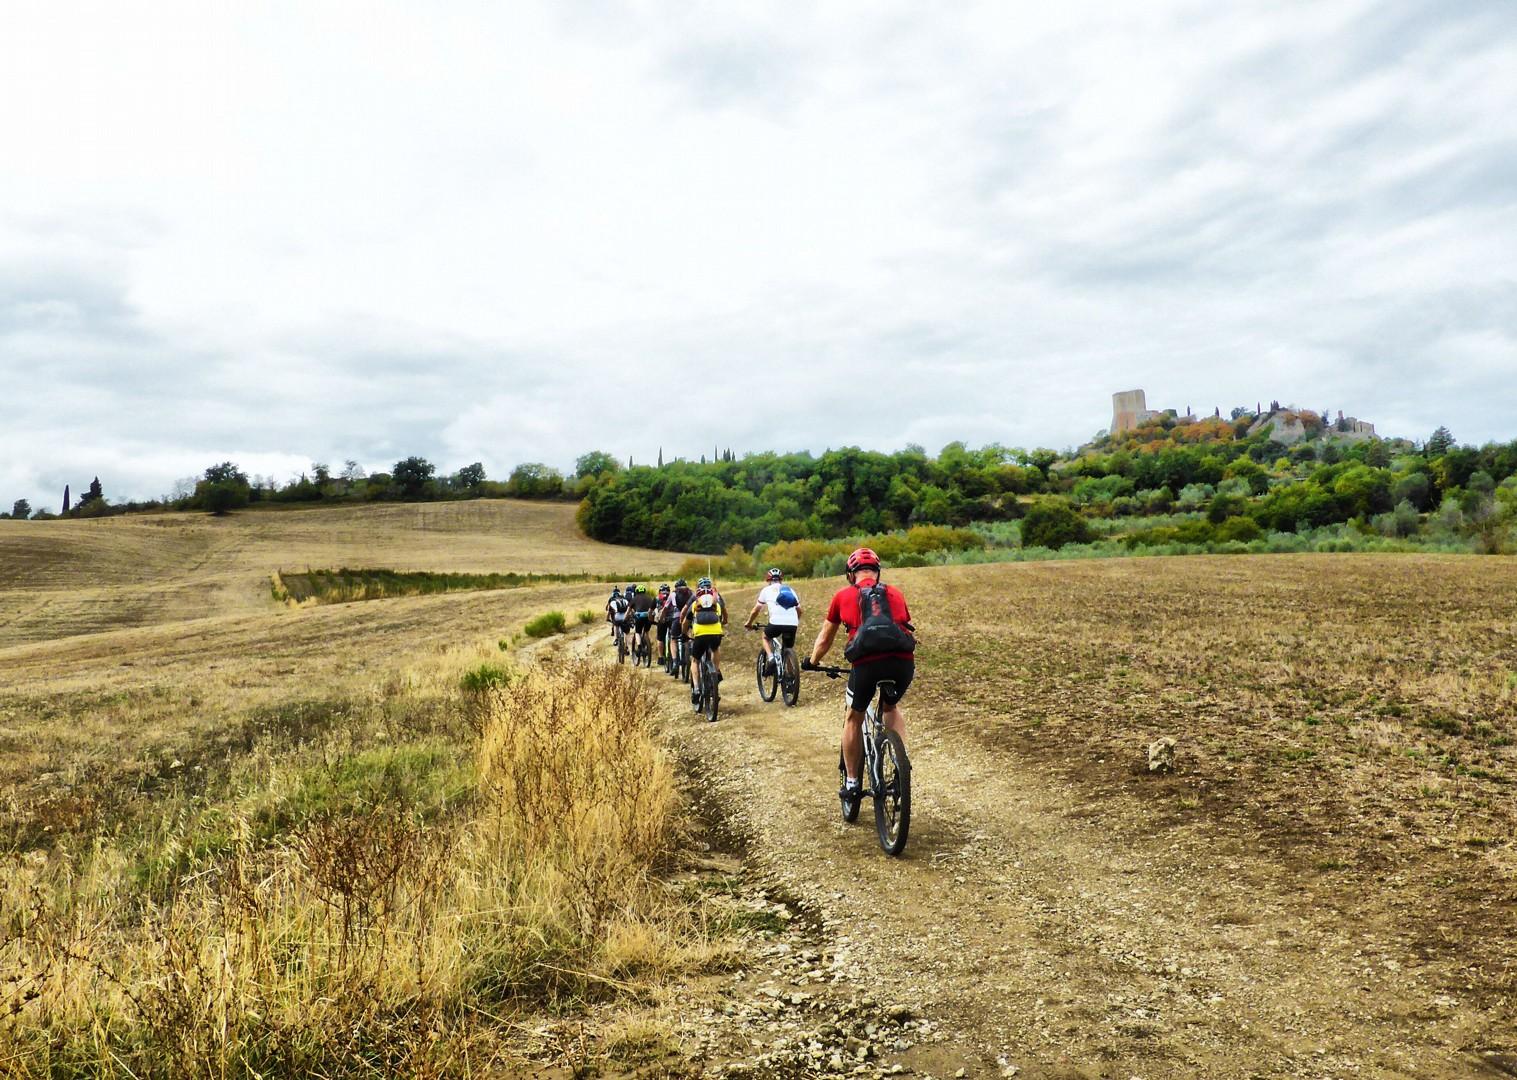 Foto 11-09-17, 10 53 50.jpg - Italy - Via Francigena (Tuscany to Rome) - Guided Mountain Biking Holiday - Italia Mountain Biking